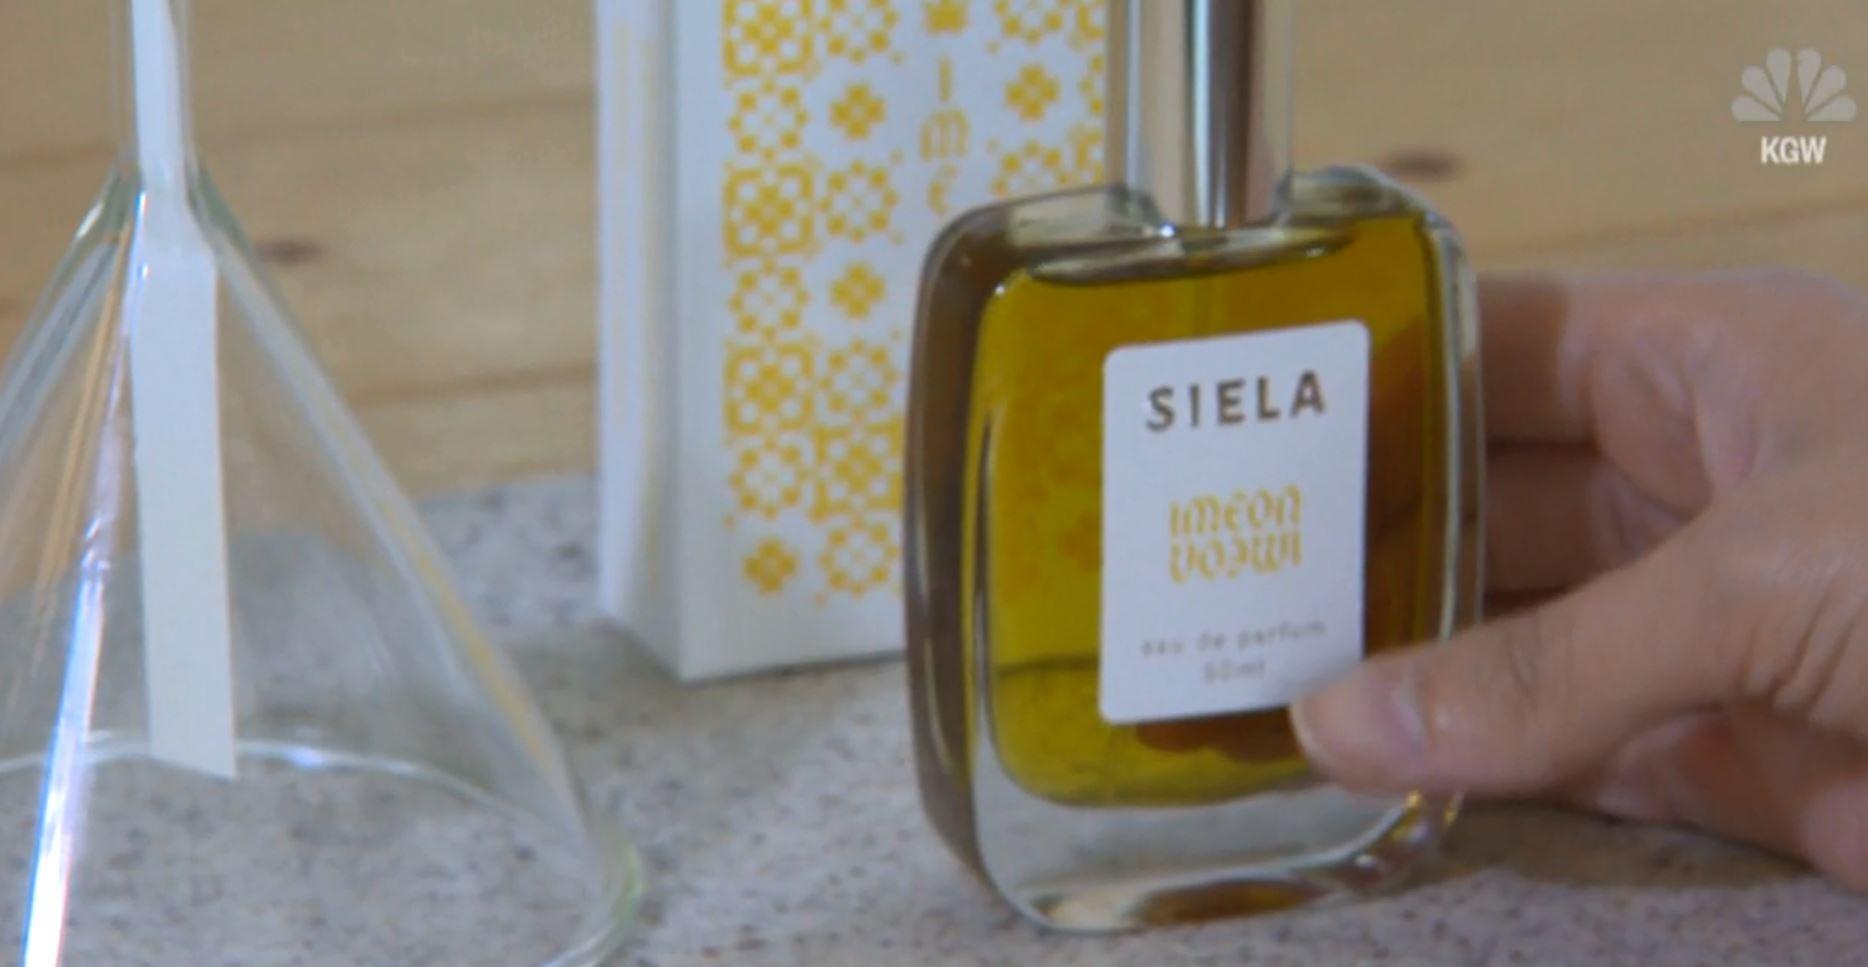 Pot perfume_1544393205217.JPG.jpg